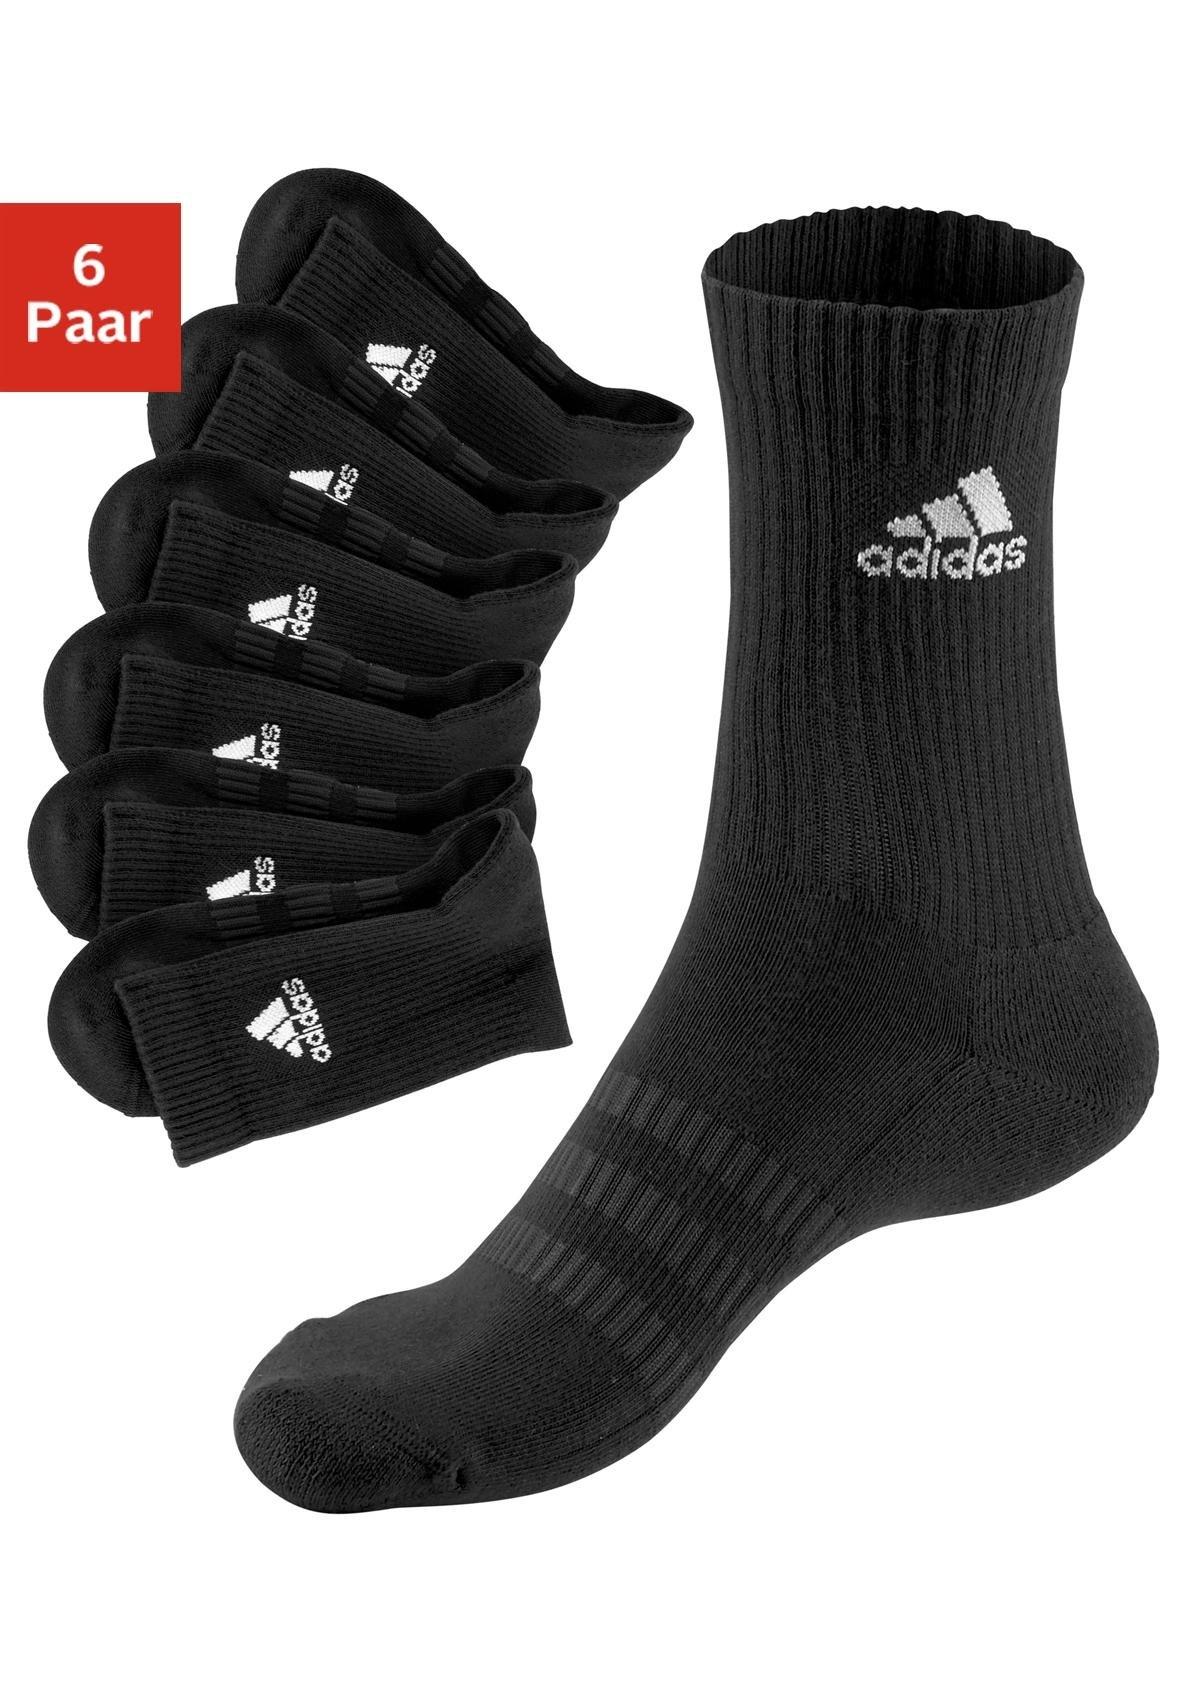 adidas Performance tennissokken met voetbekleding (6 paar) bij Lascana online kopen